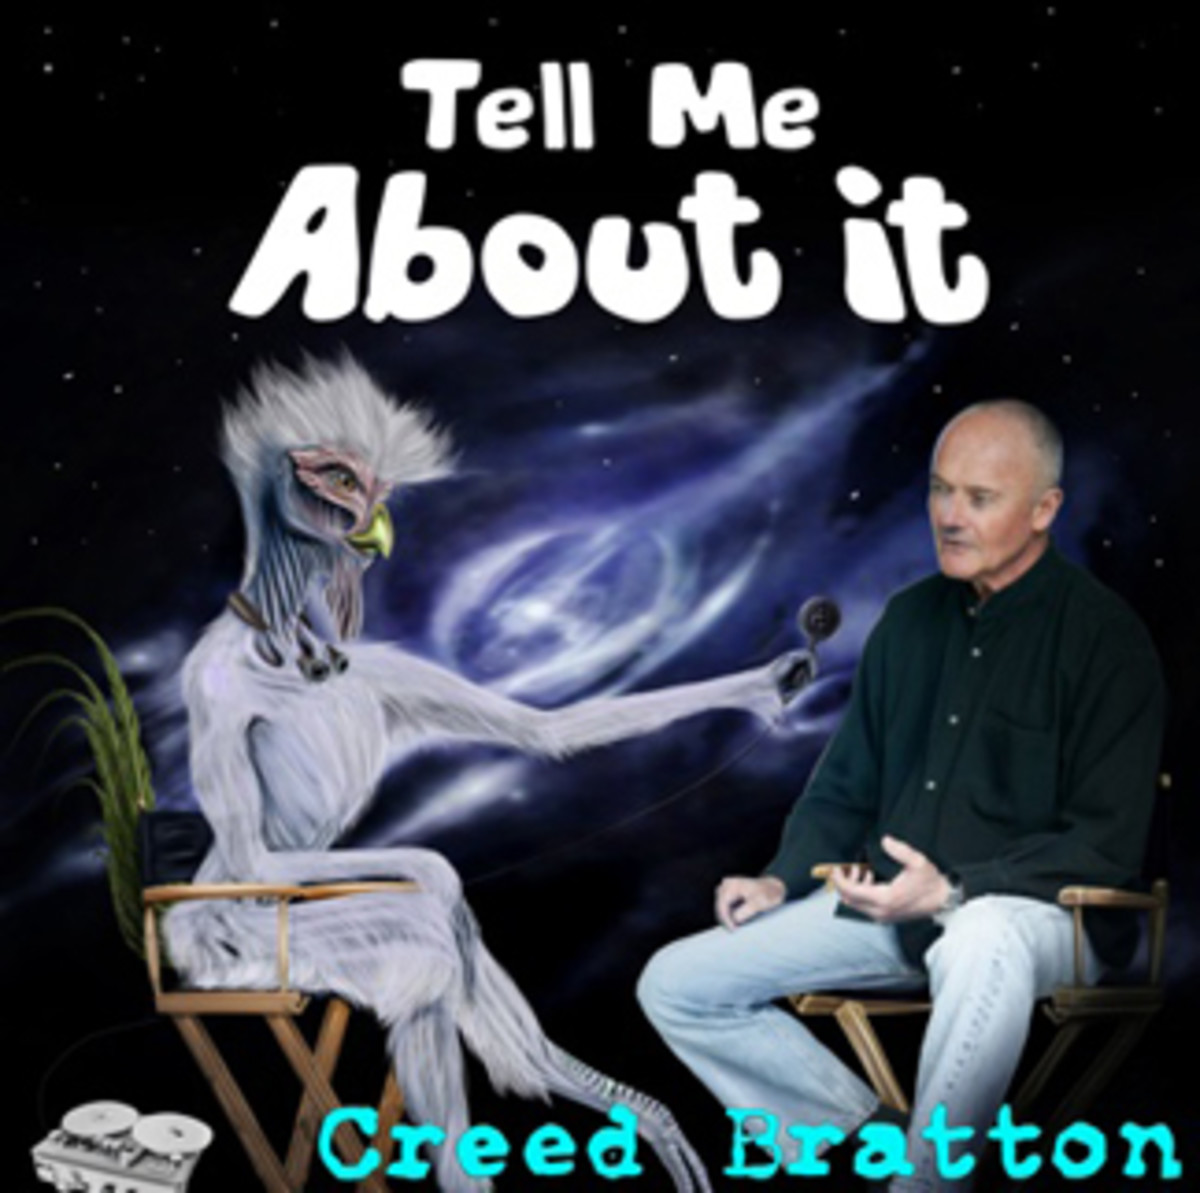 CreedBratton_TellMeAboutIt